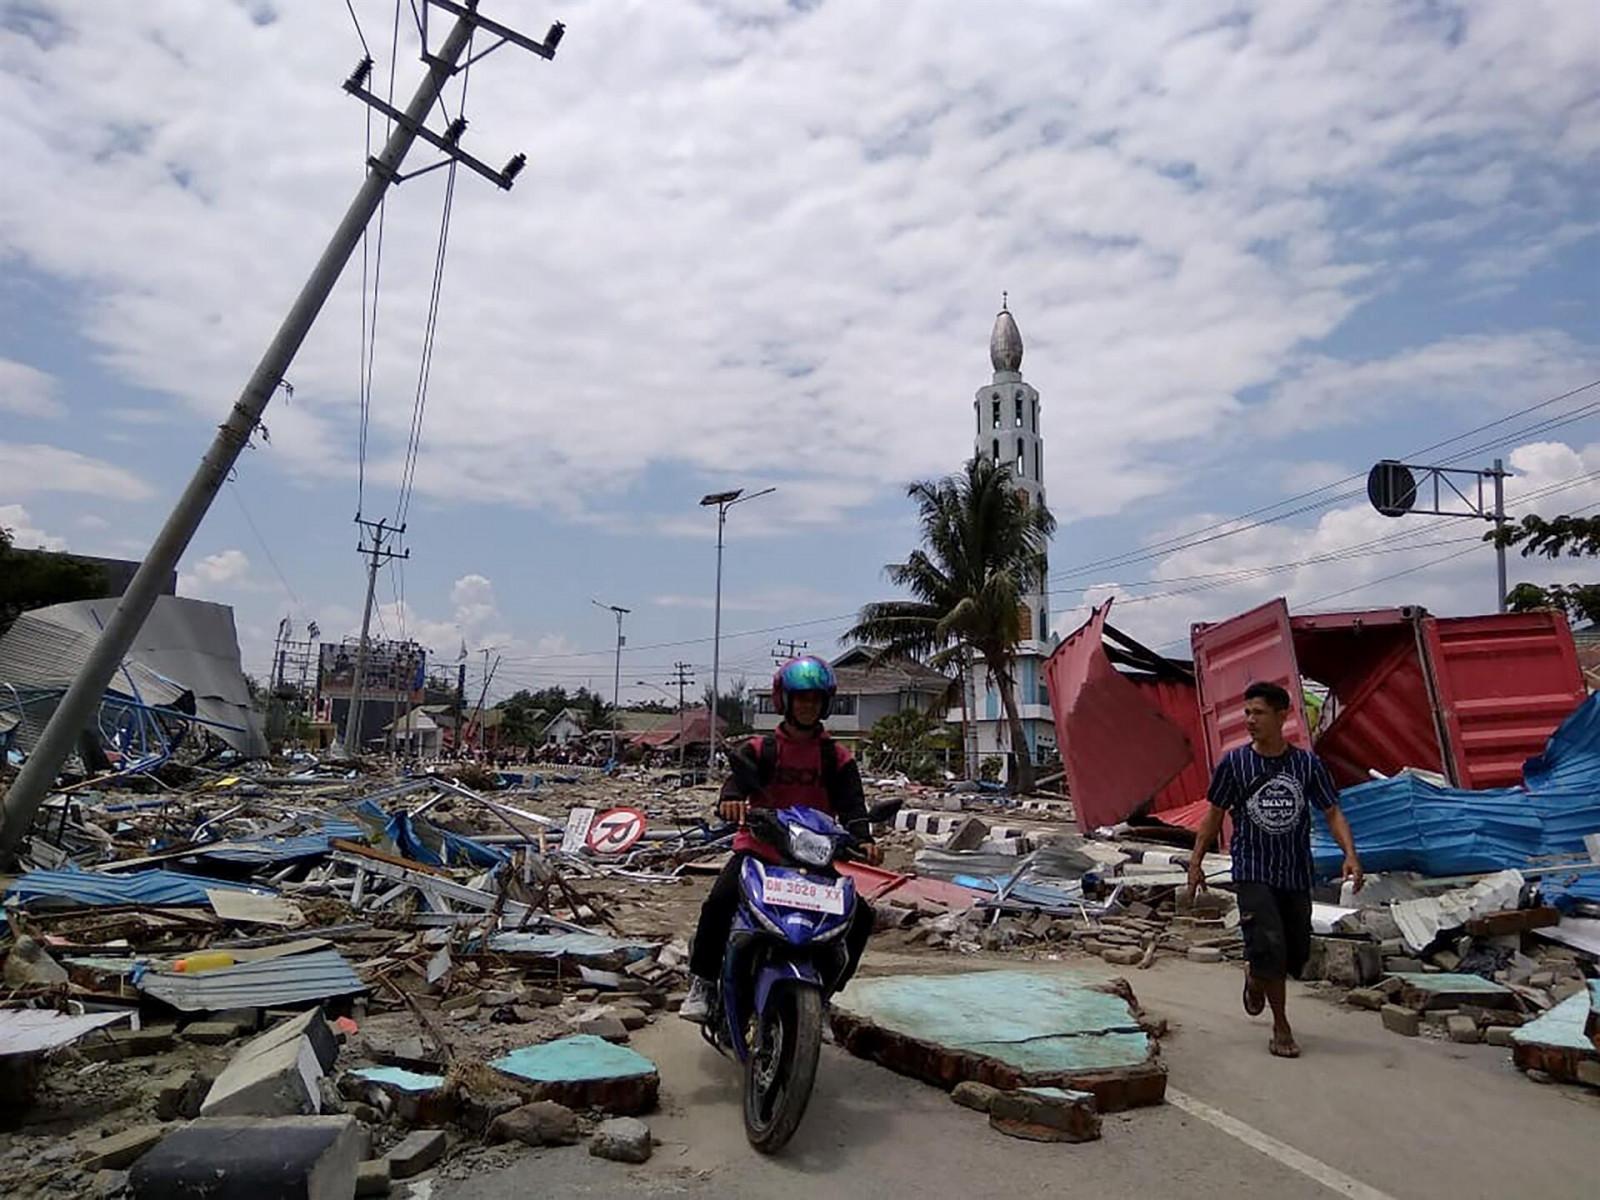 Индонезод газар хөдлөлтийн улмаас амиа алдагсдын тоо 67 болжээ